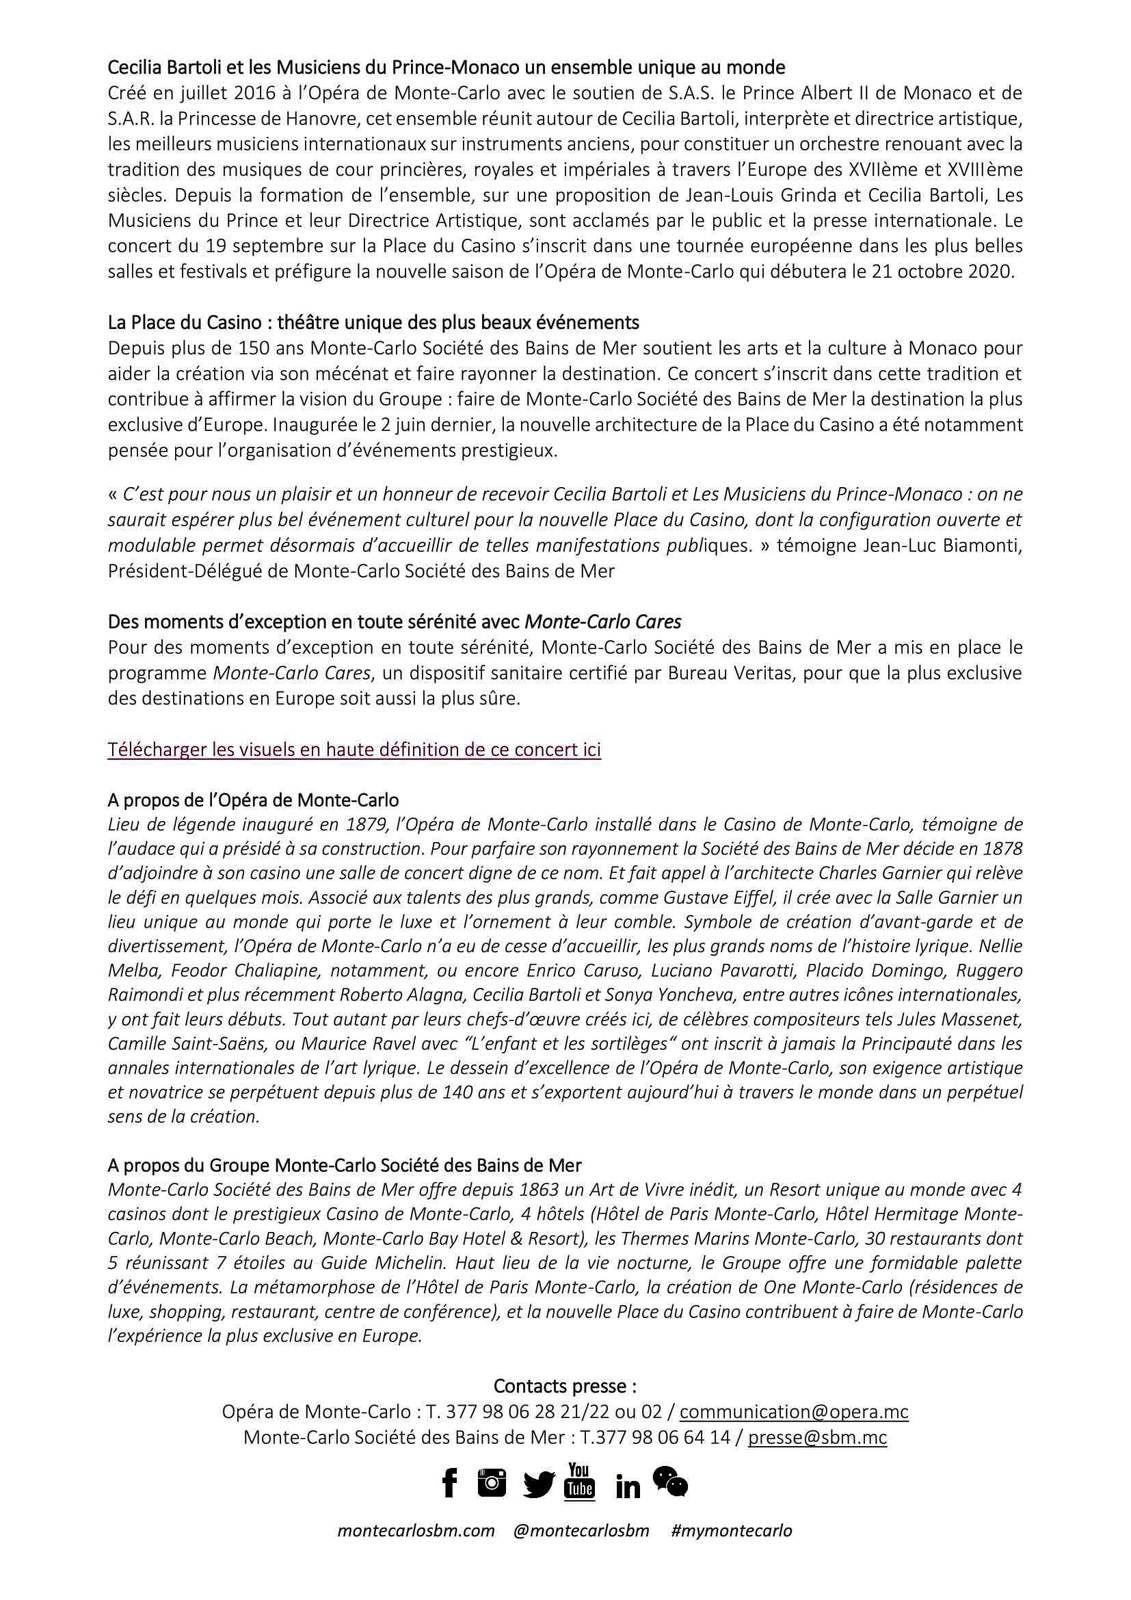 MONACO: CECILIA BARTOLI ET LES MUSICIENS DU PRINCE MONACO: CONCERT EXCLUSIF SUR LA NOUVELLE PLACE DU CASINO